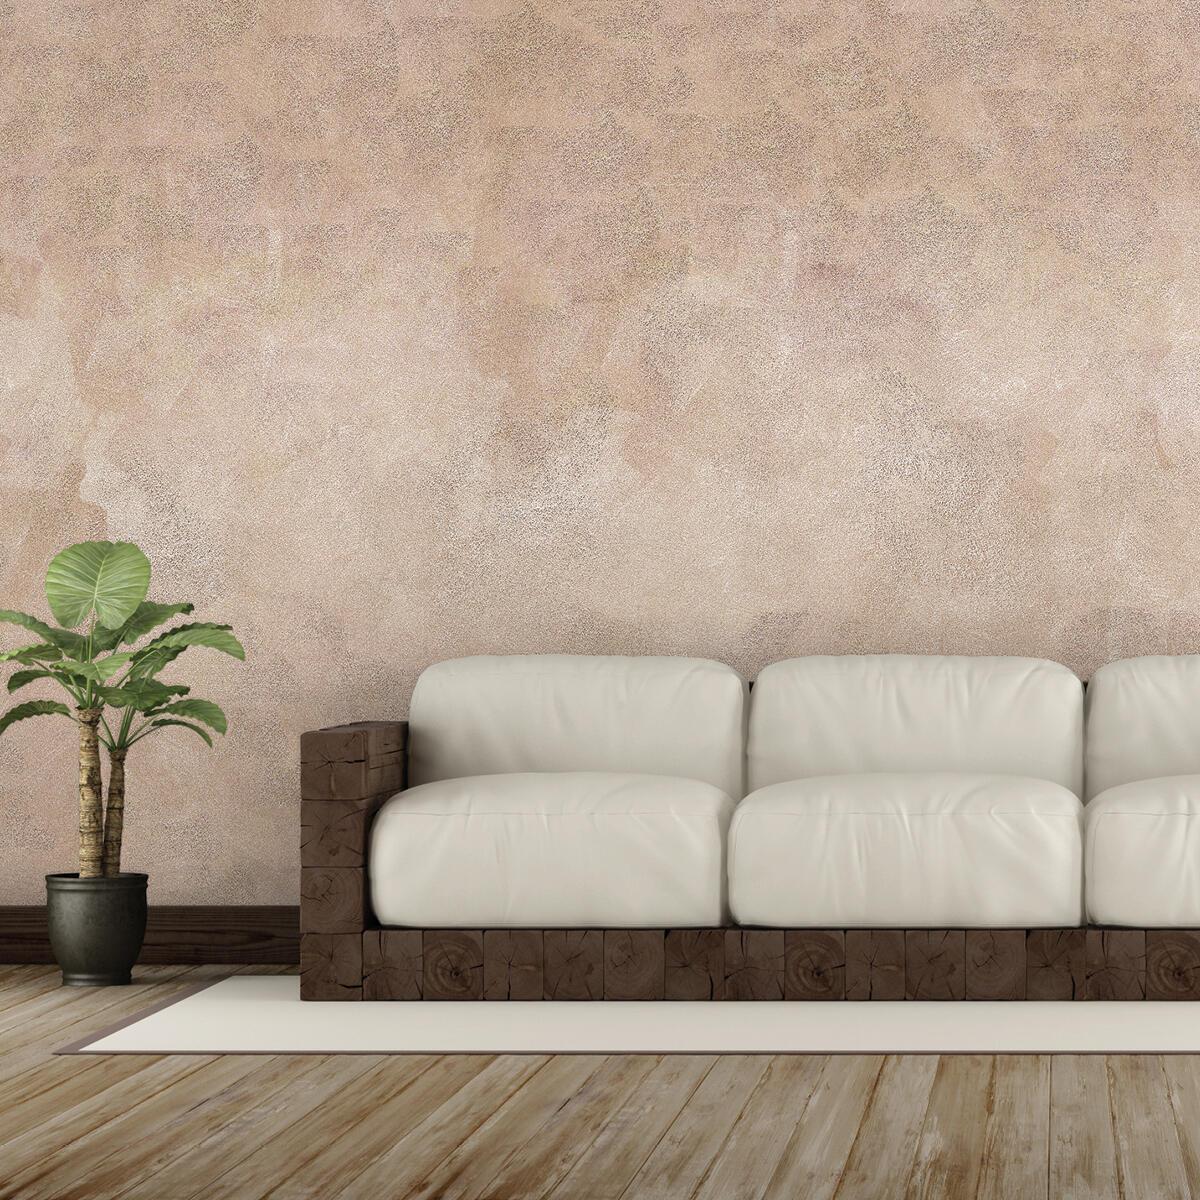 Pittura decorativa effetto sabbiato marrone talpa 5 2 l GECKOS - 8